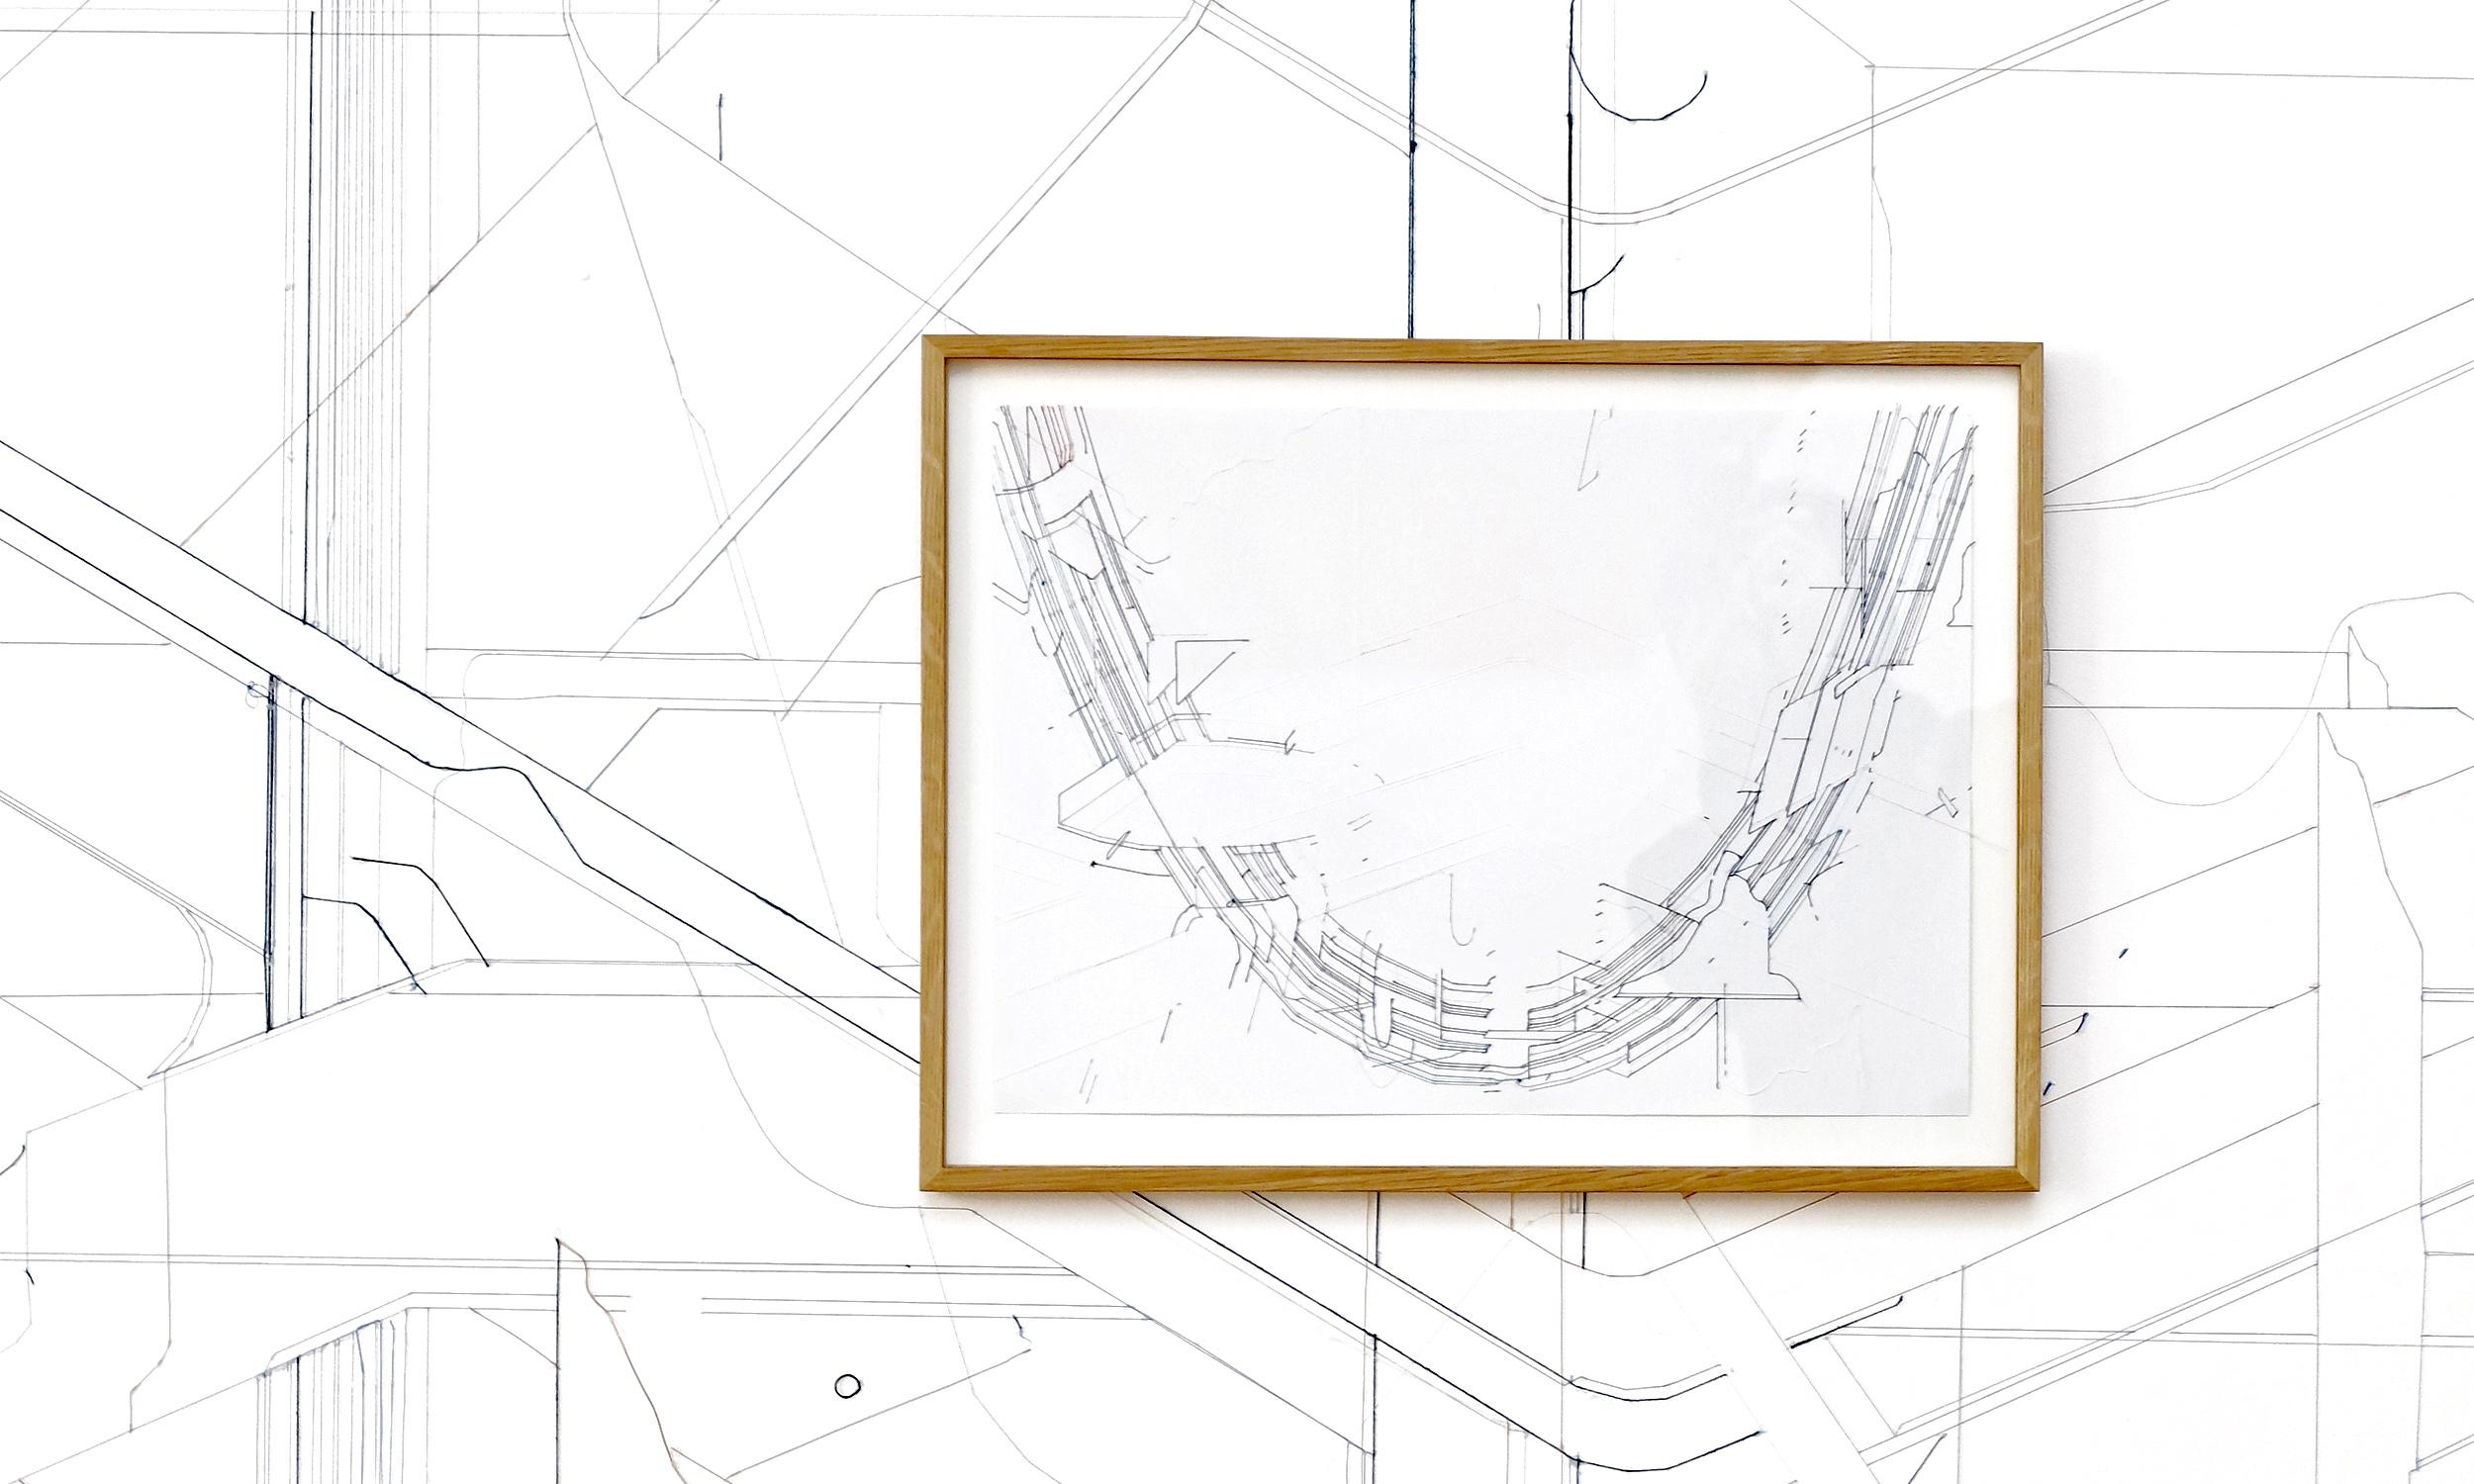 Keita Mori,  Bug Report (Catenary) #2 , 2016. Fil de coton et fil de soie sur papier, 39 cm x 51,5 cm